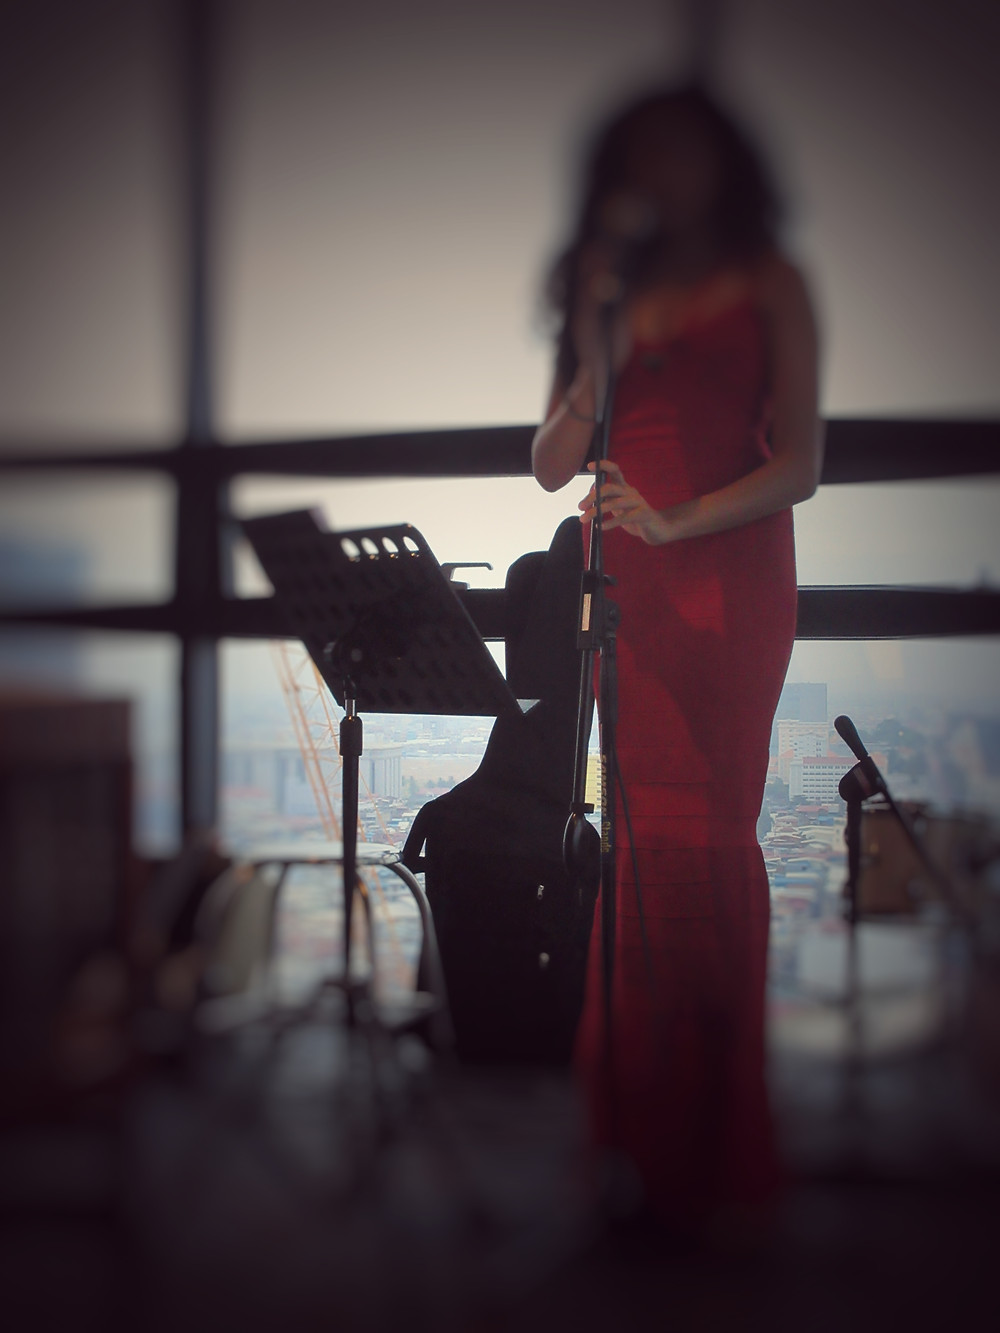 Zamazane. Długowłosa dziewczyna w czerwonej sukience śpiewa do mikrofonu na tle panoramy miasta za oknem